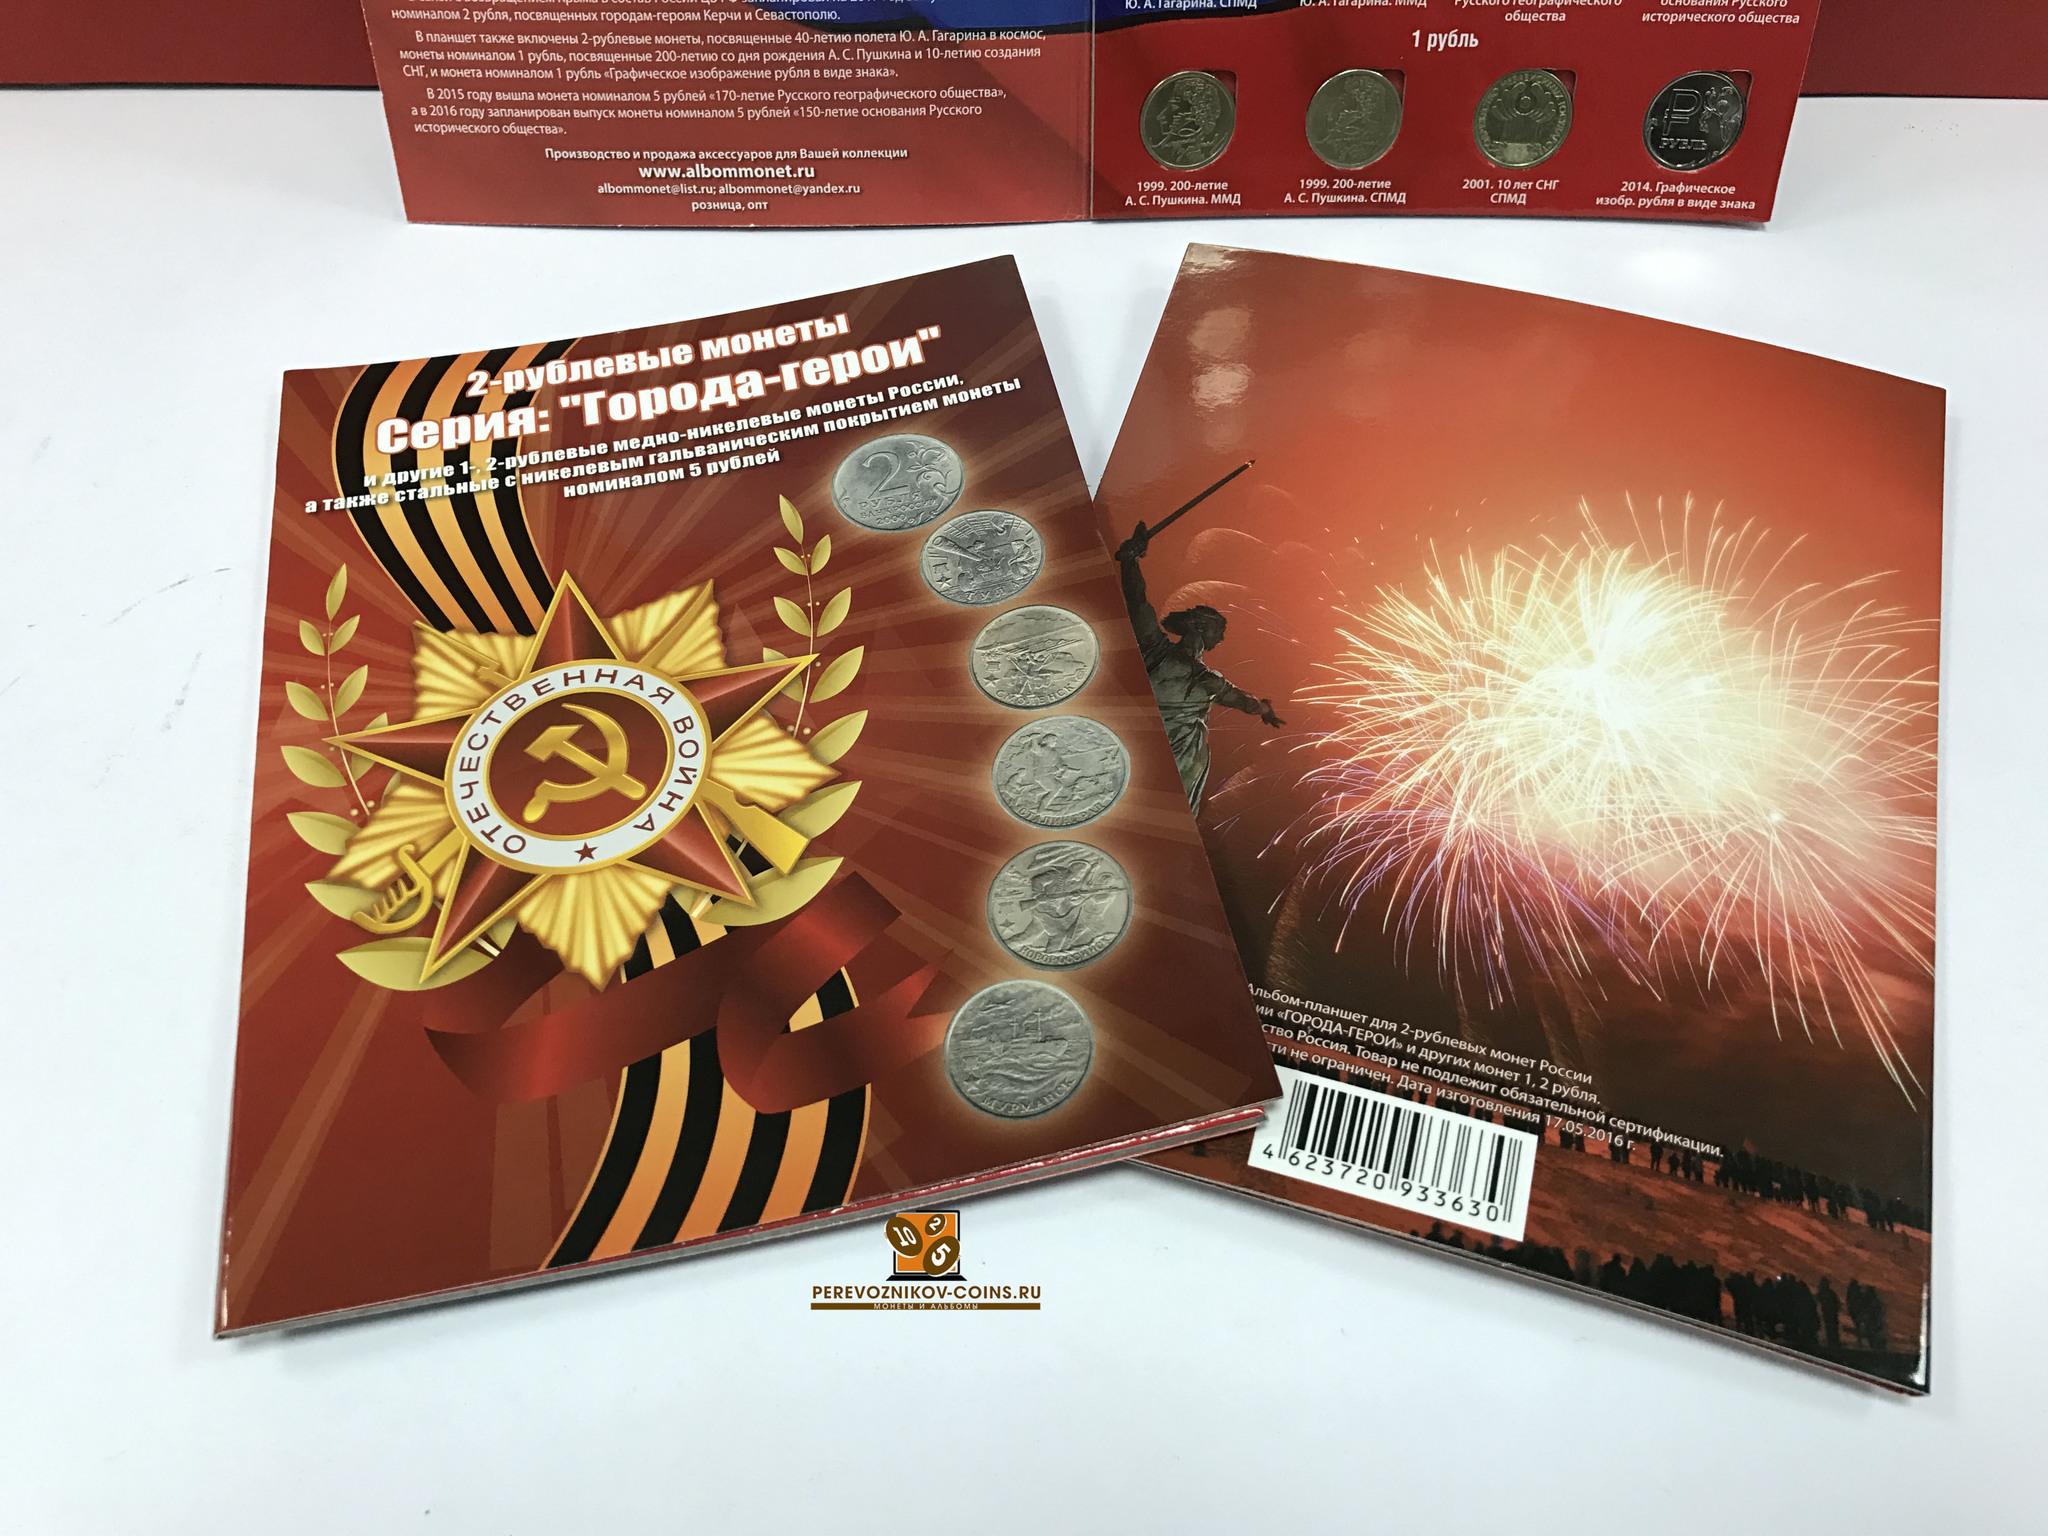 Альбом на 17 ячеек для юбилейных двушек и рублей (Заполненный)